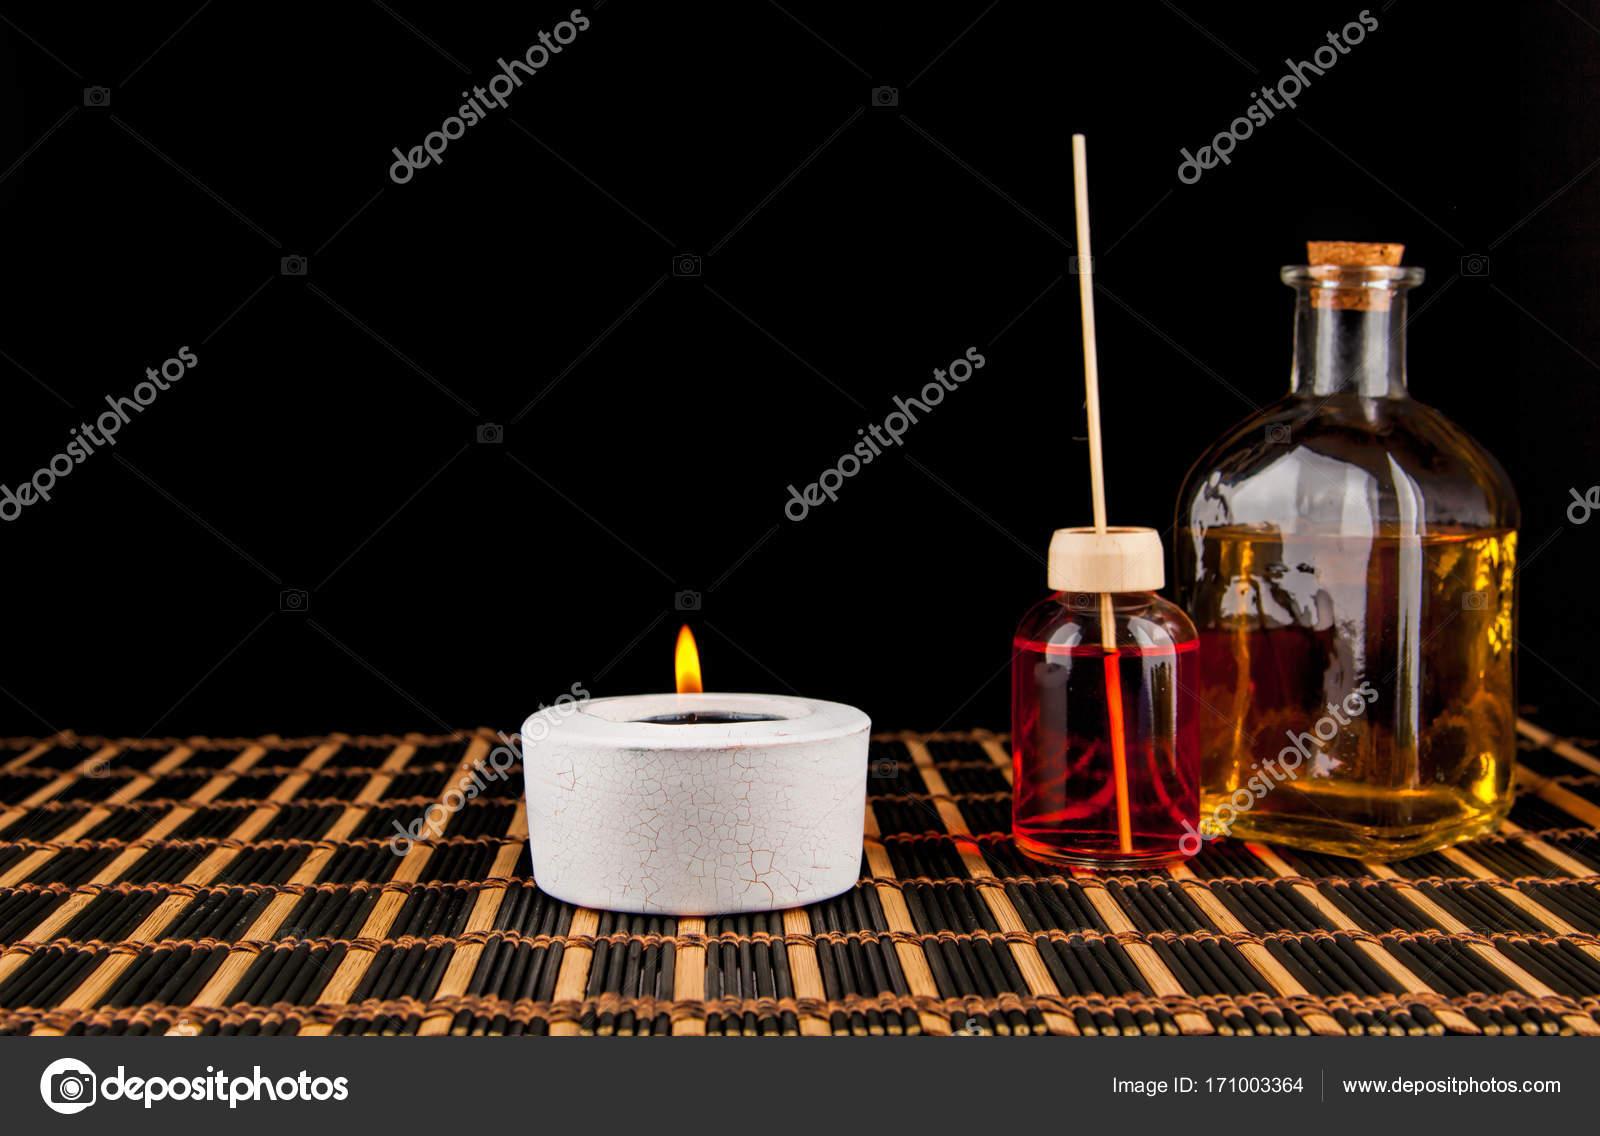 Decoration De Spa se rapportant à décoration de spa avec des pierres, bougie, avec huile de massage